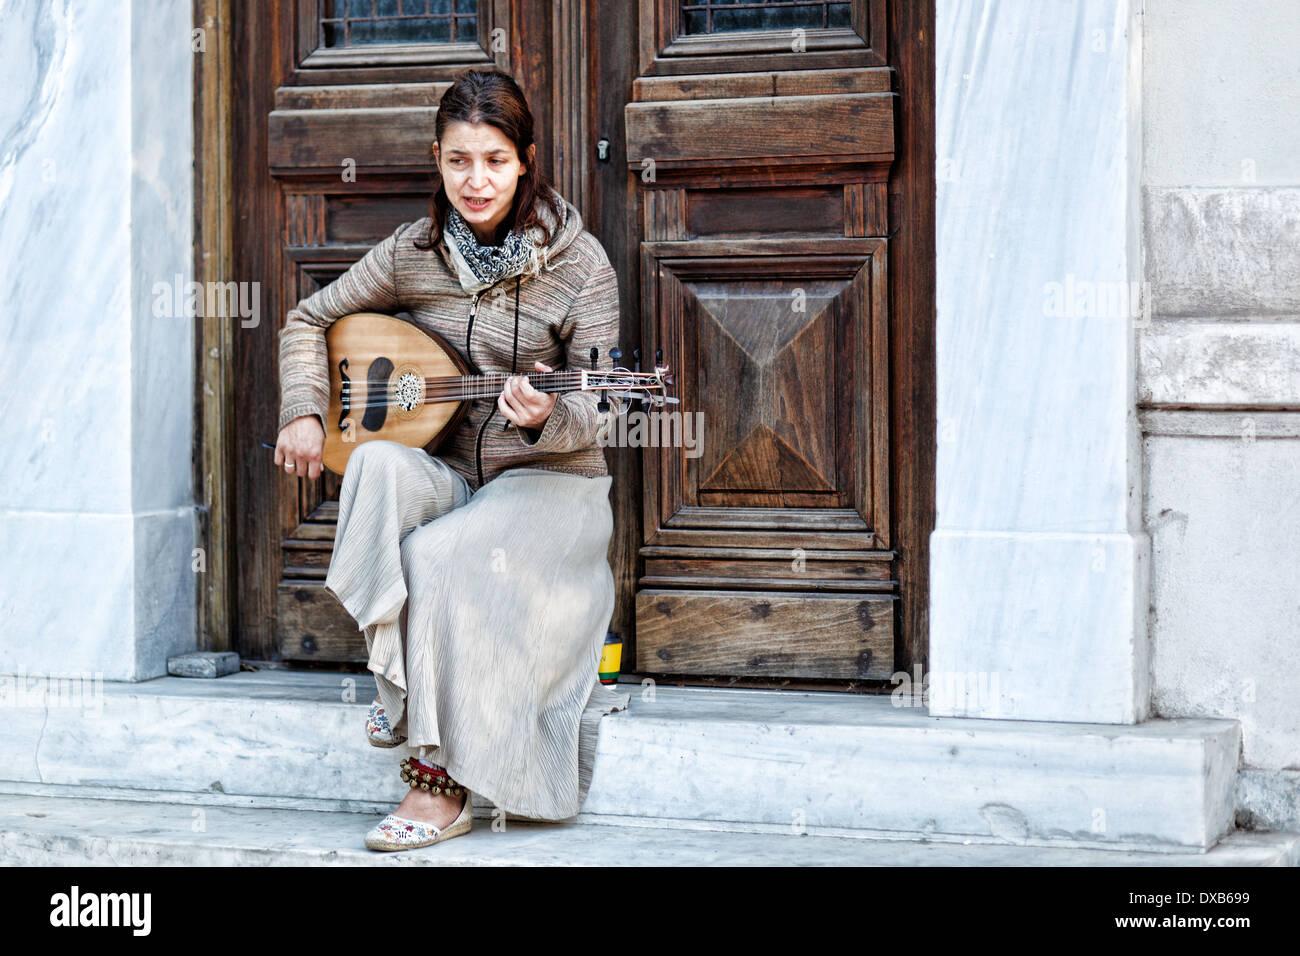 Ein Musiker spielt in der Straße von Athen, Griechenland Stockbild